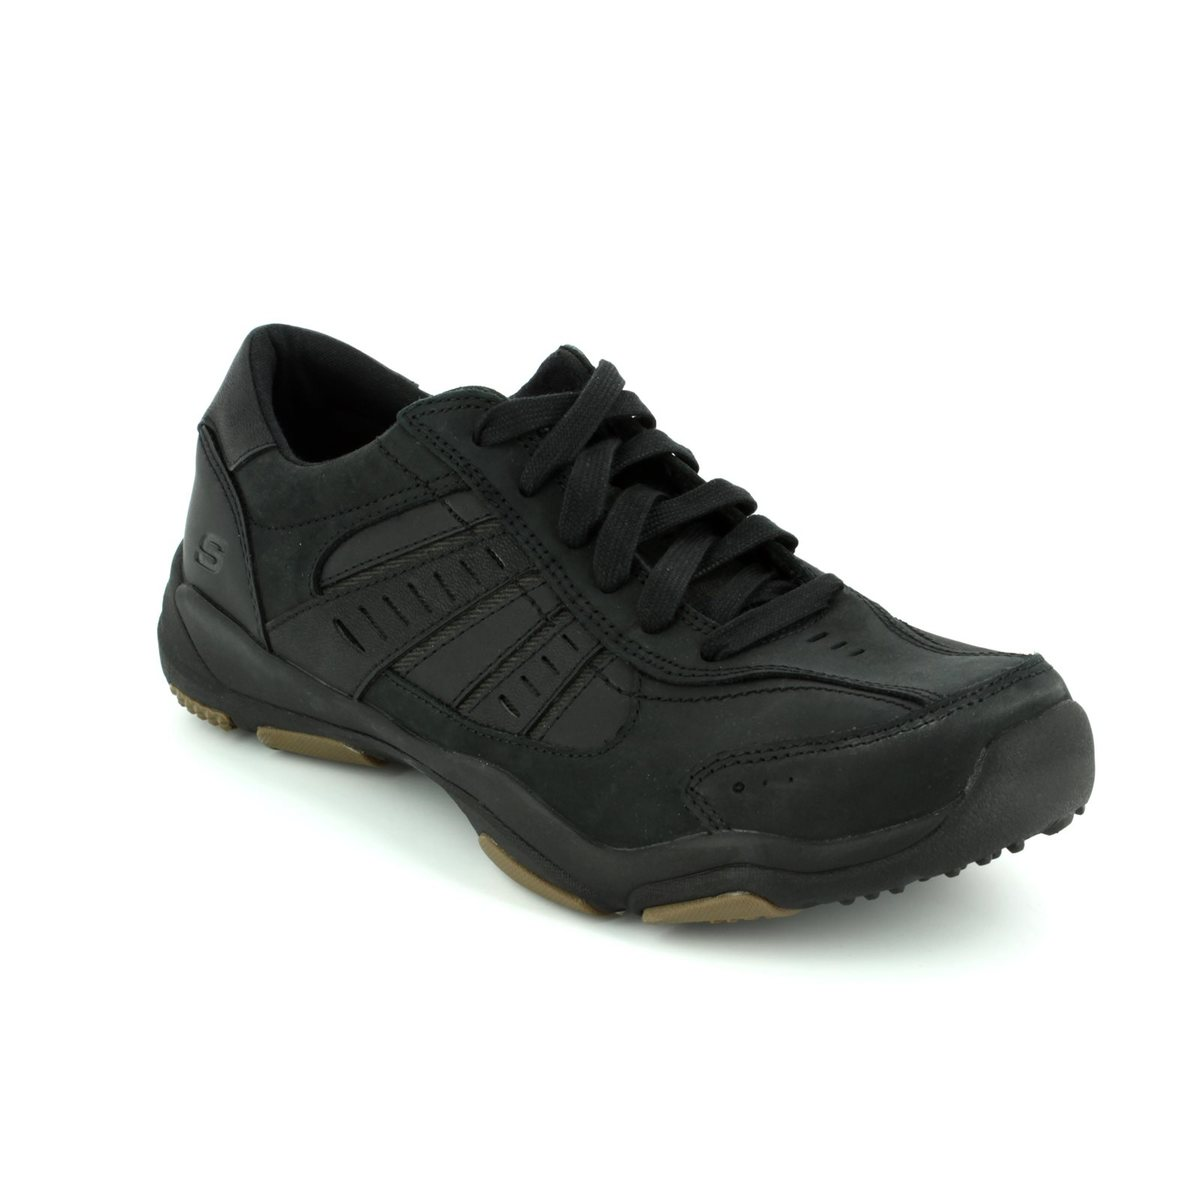 Skechers Zapatos Tienda De Canadá G5HDl33Q